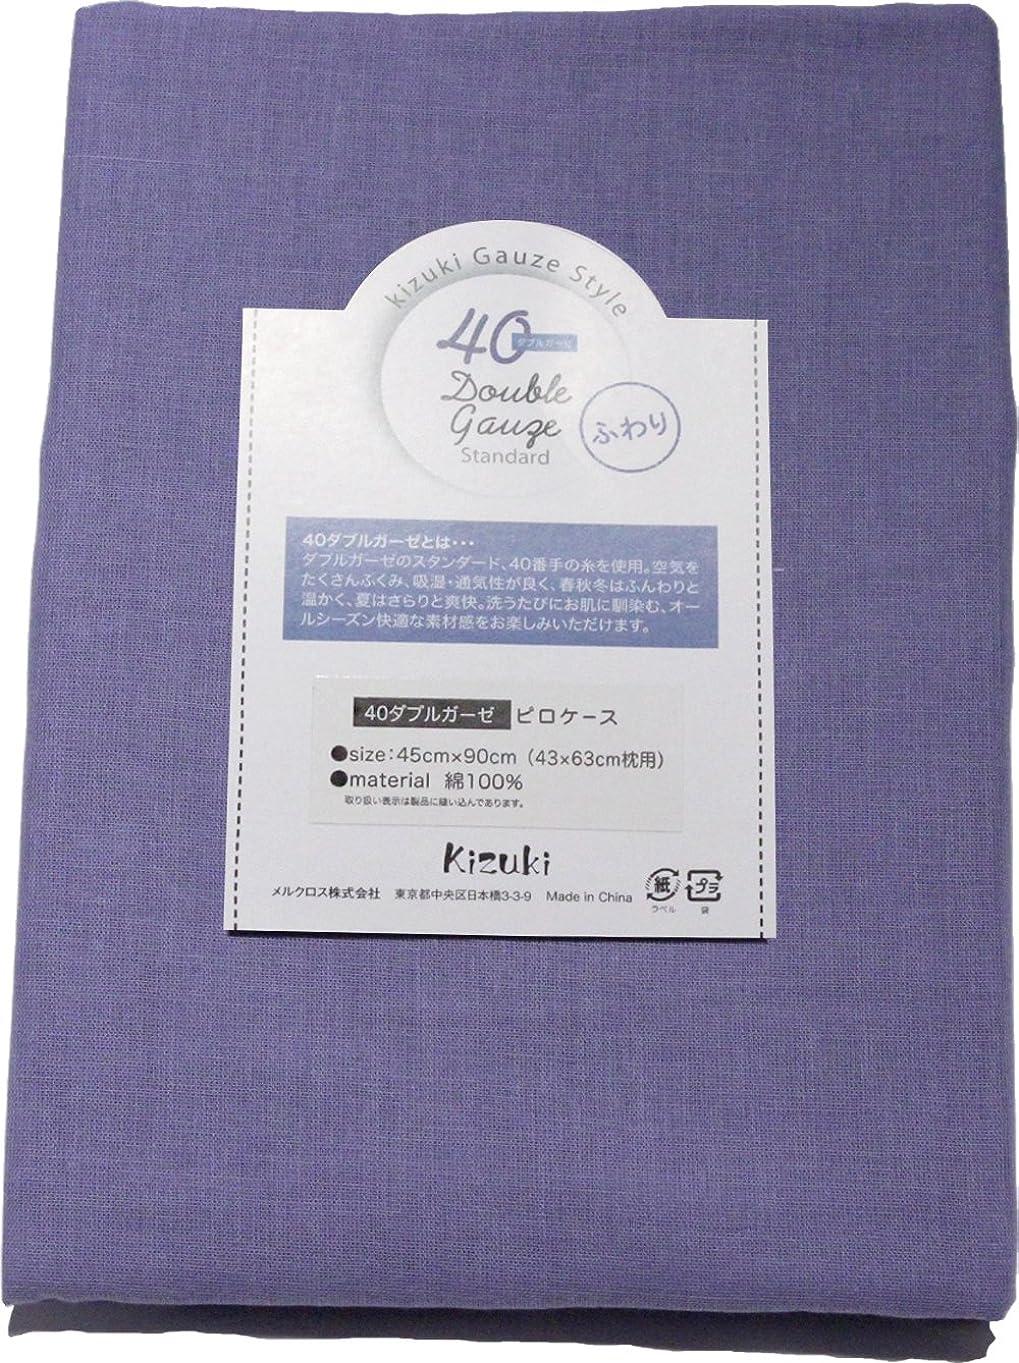 機動熱心漁師【 Kizuki 】枕カバー 40ダブルガーゼ リバーシブルカラー ブルー 640603AZ43BL